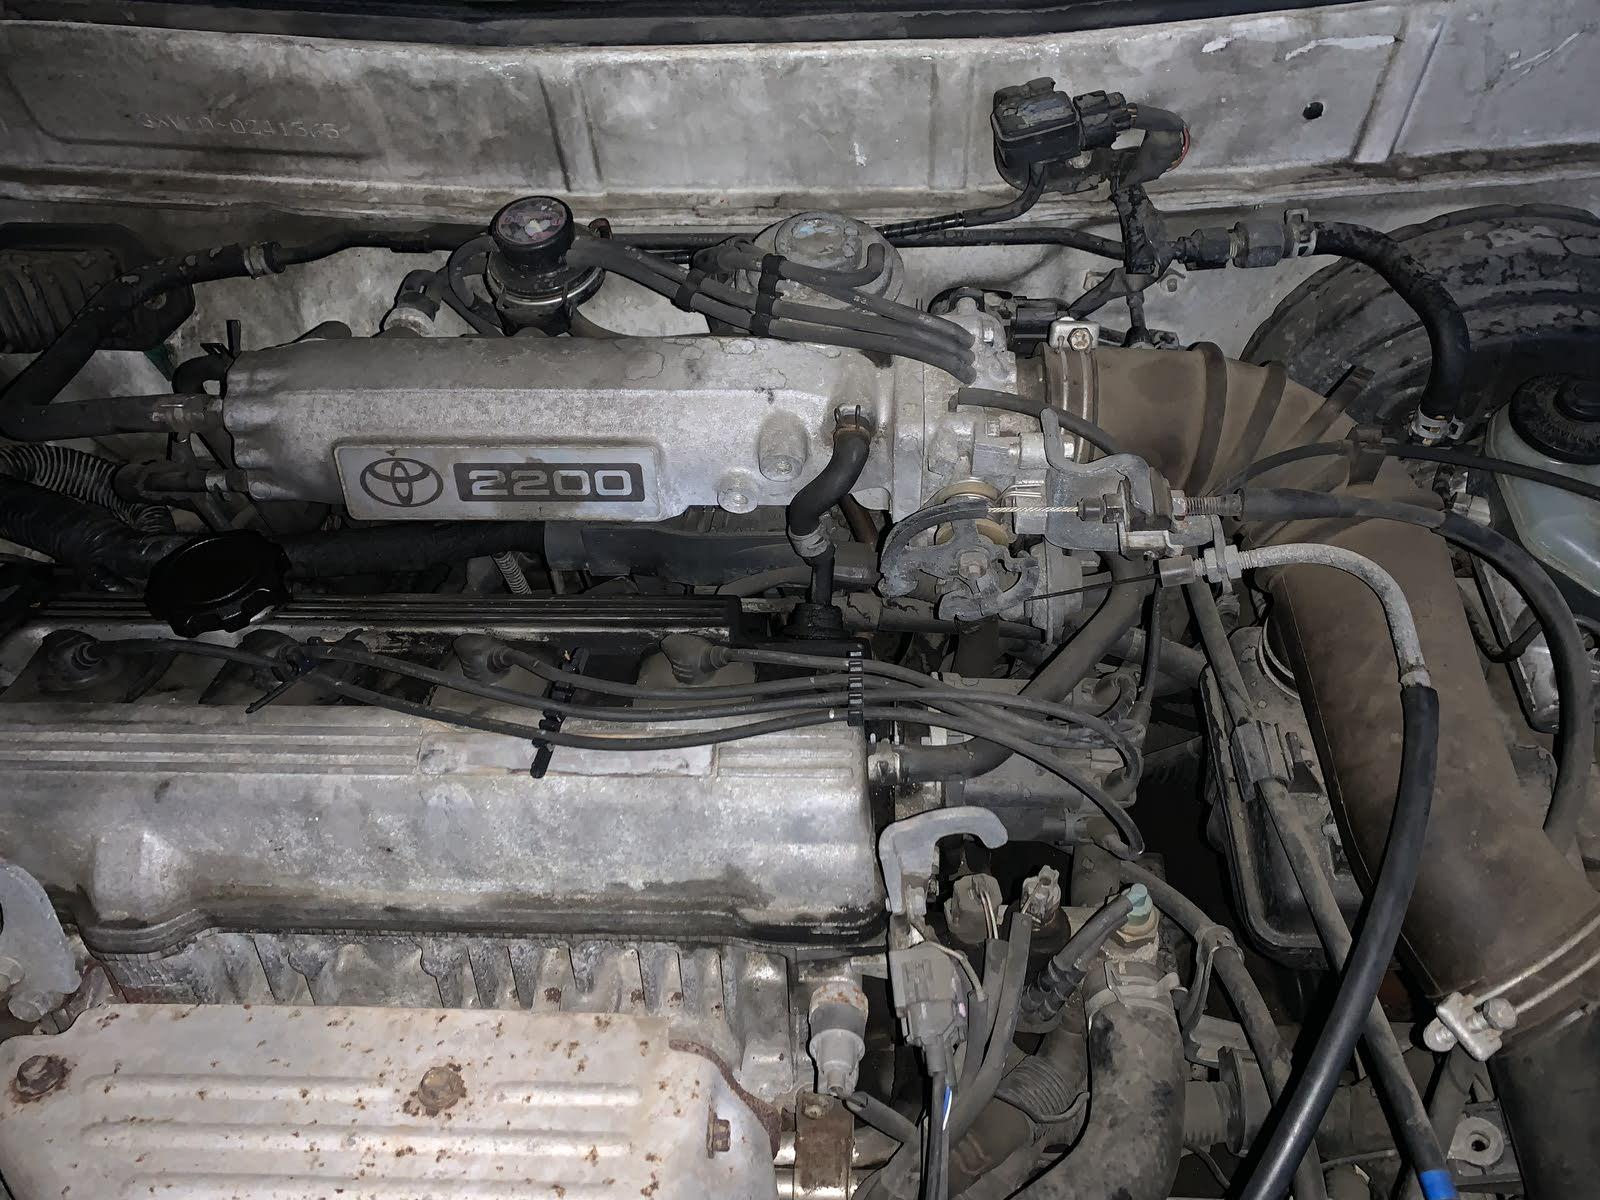 Toyota Camry Questions - No crank no start not even a click